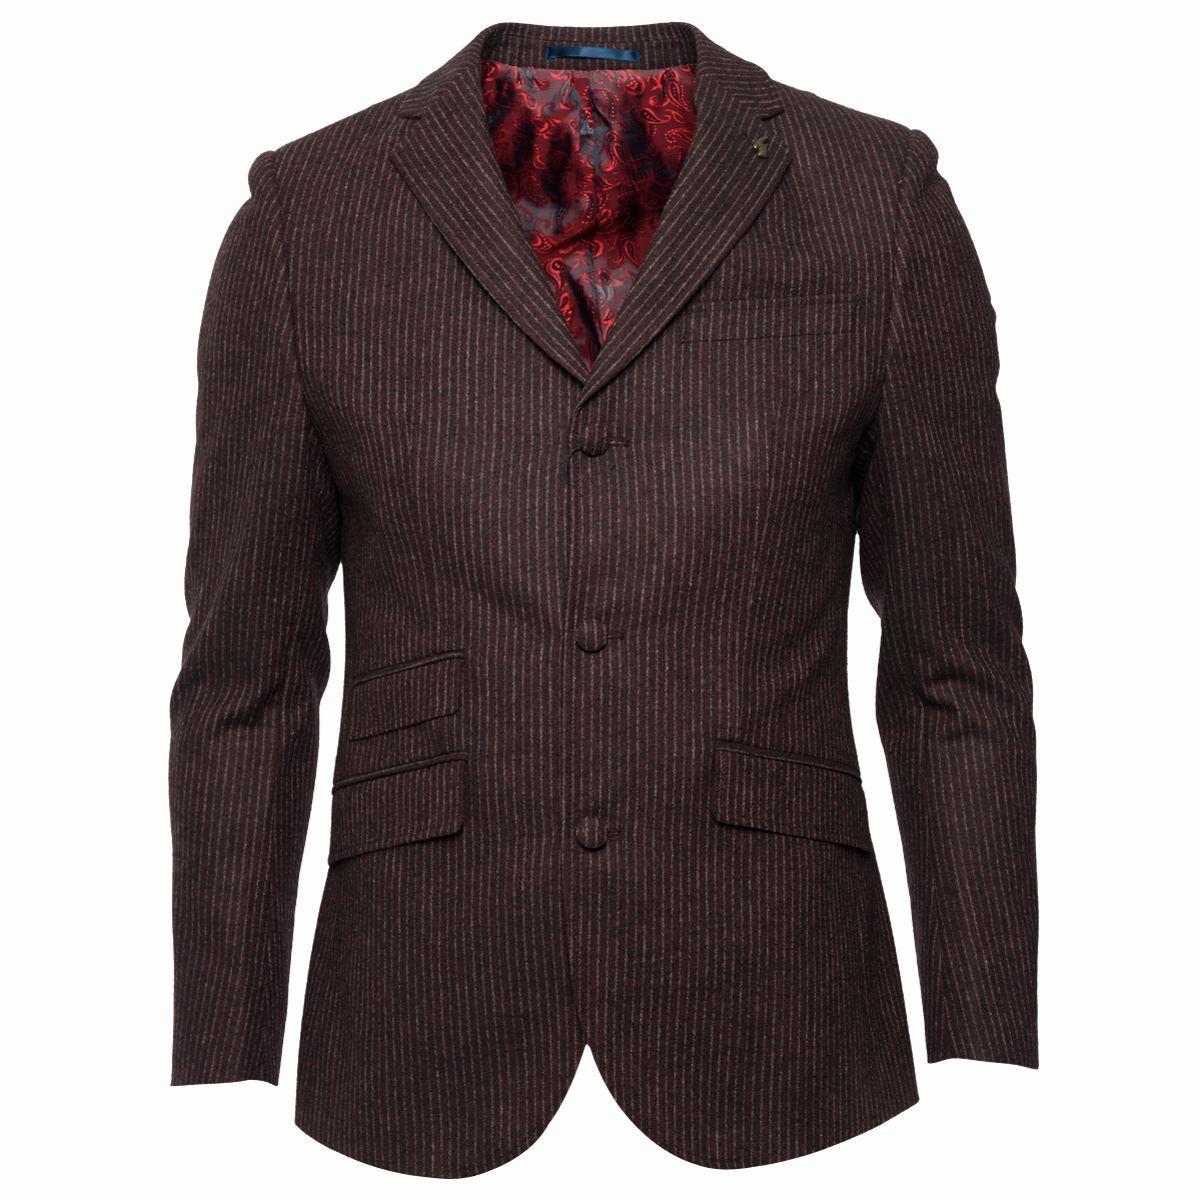 Gabicci-Vintage-RIGATO-da-uomo-giacca-SU-MISURA-CON-BOTTONI-Giacca-elegante